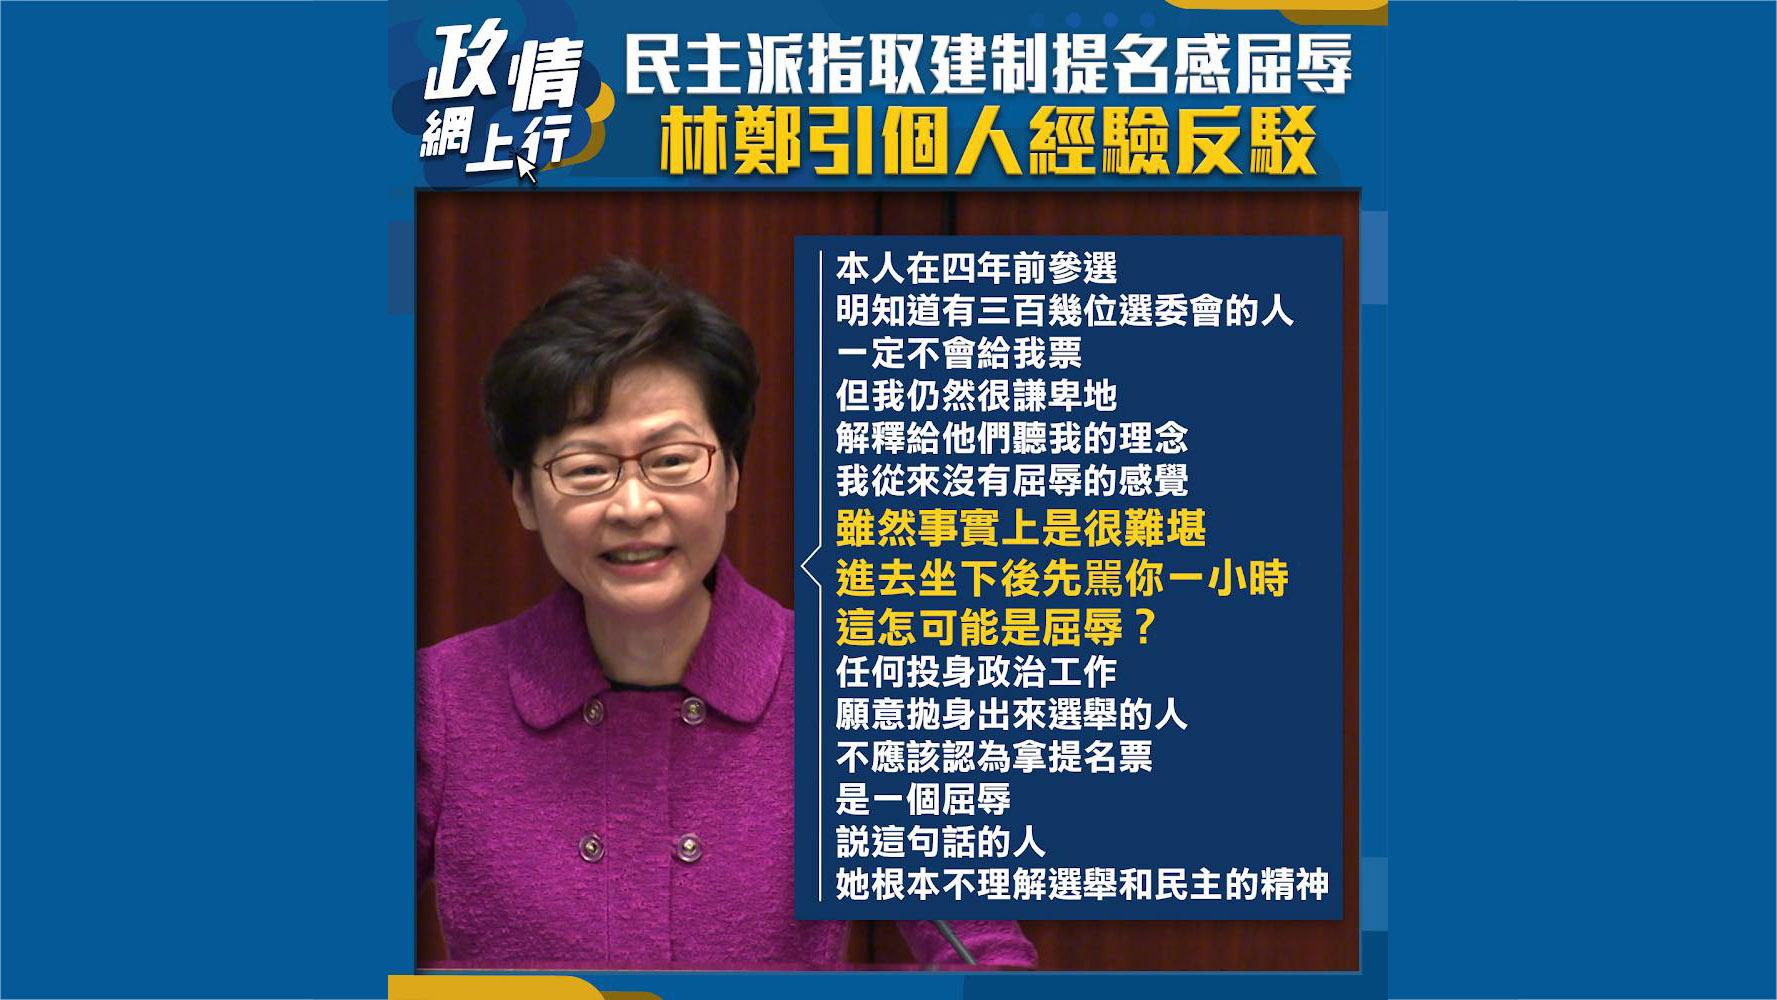 【政情網上行】民主派指取建制提名感屈辱 林鄭引個人經驗反駁